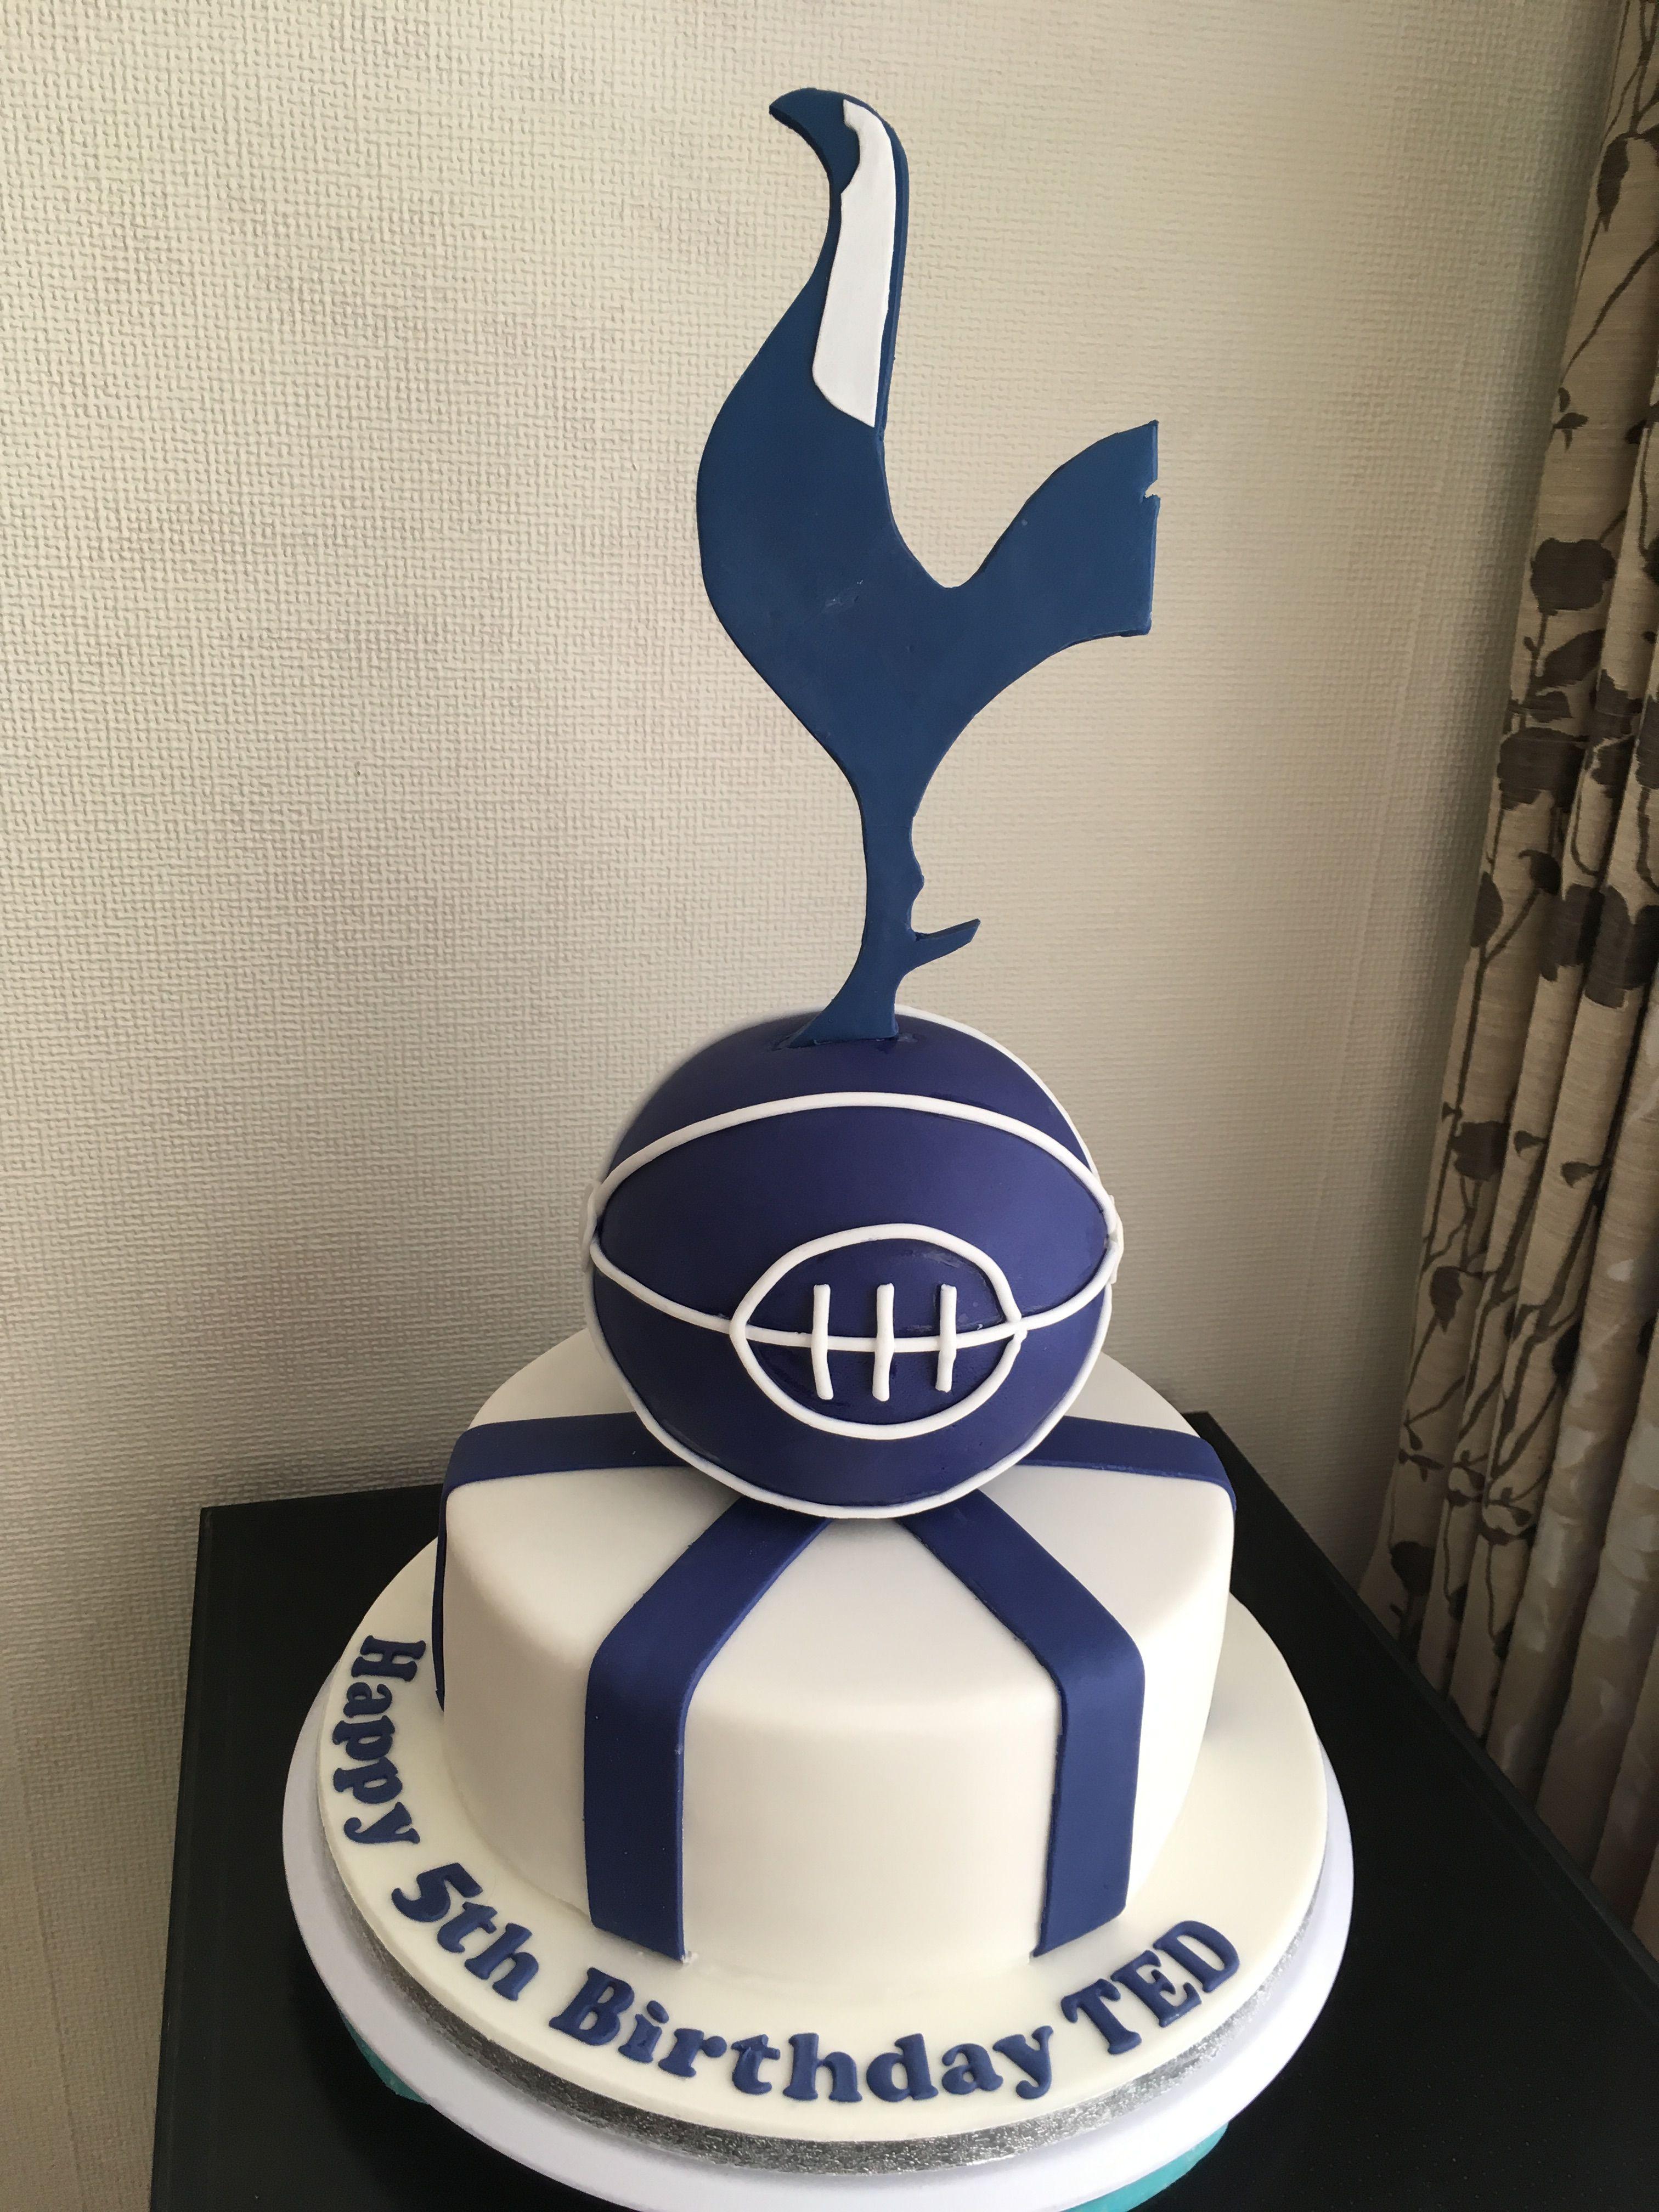 Pin By Sue Vallender On Tottenham Hotspur Tottenham Hotspur Cake Birthday